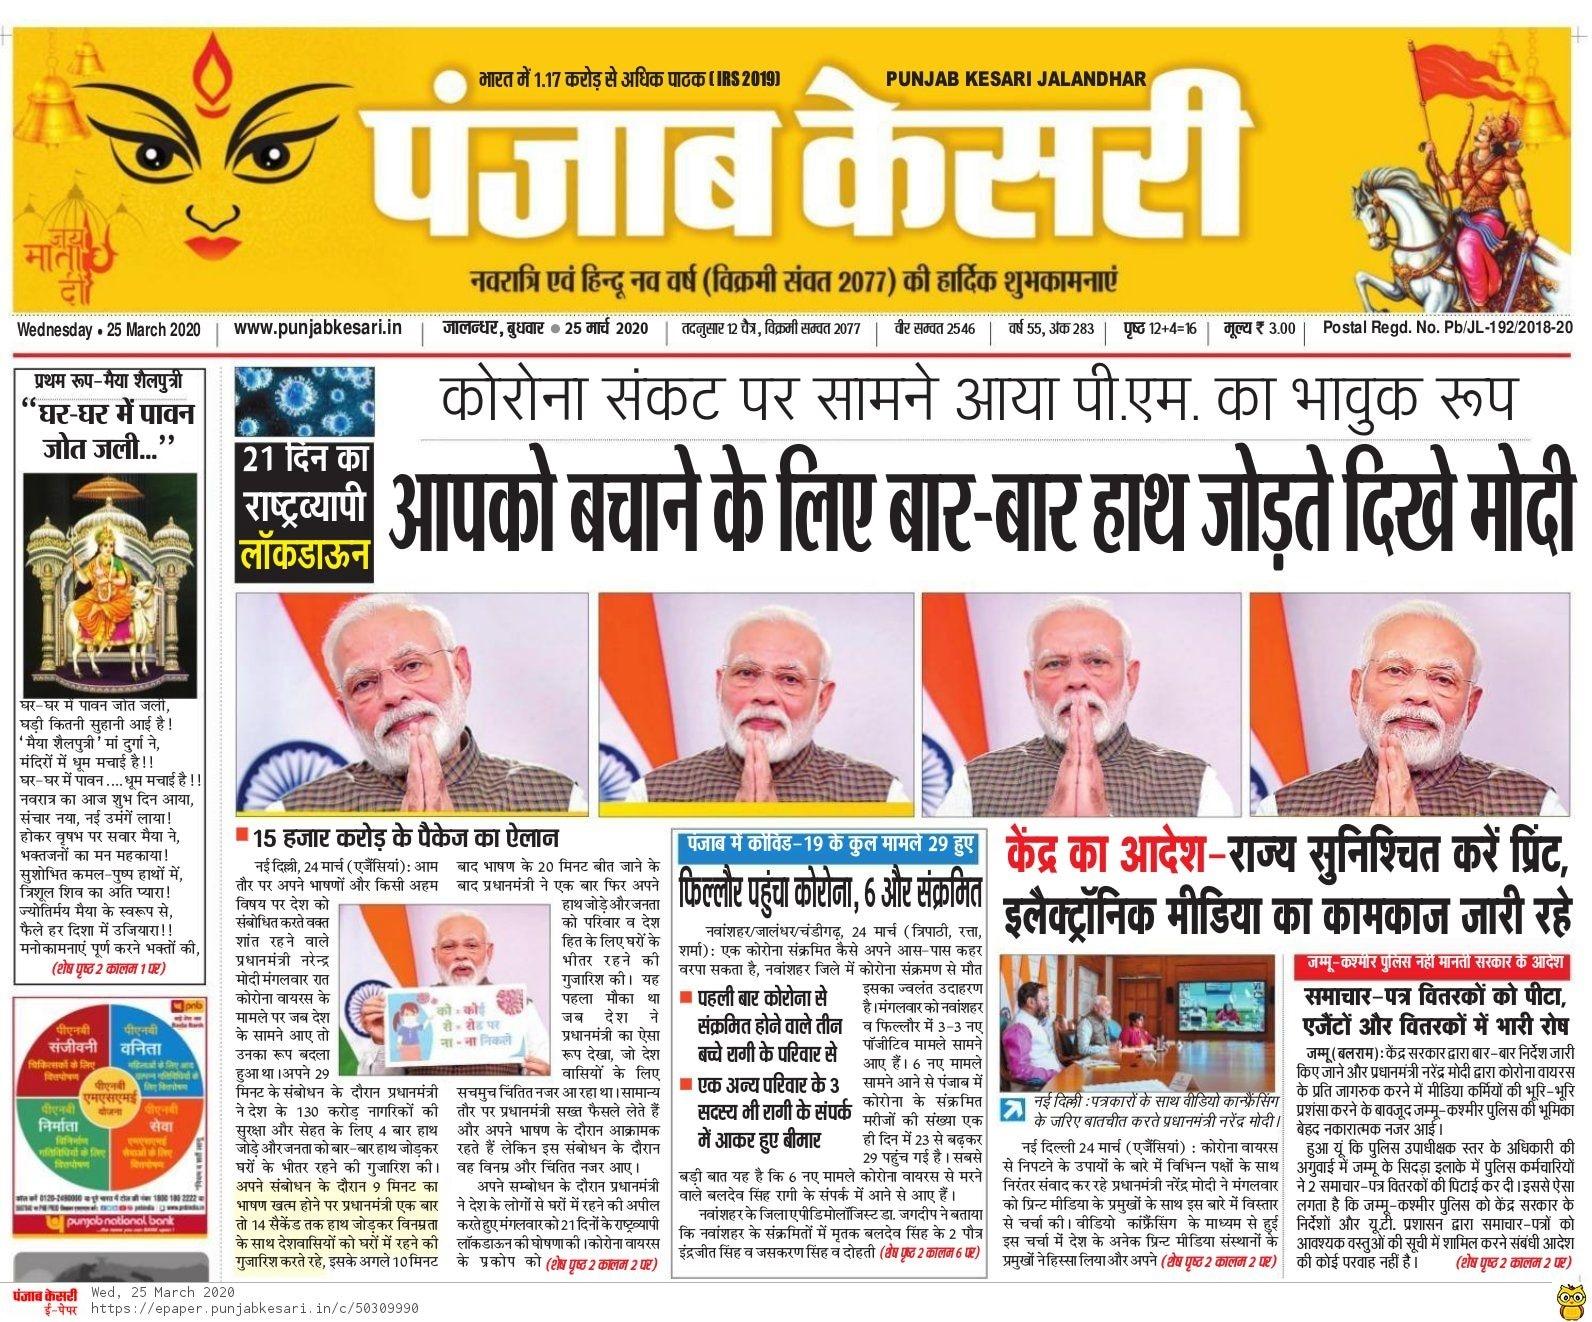 हिन्दी दैनिक पंजाब केसरी ने लिखा है- आपको बचाने के लिए बार-बार हाथ जोड़ते दिखे मोदी